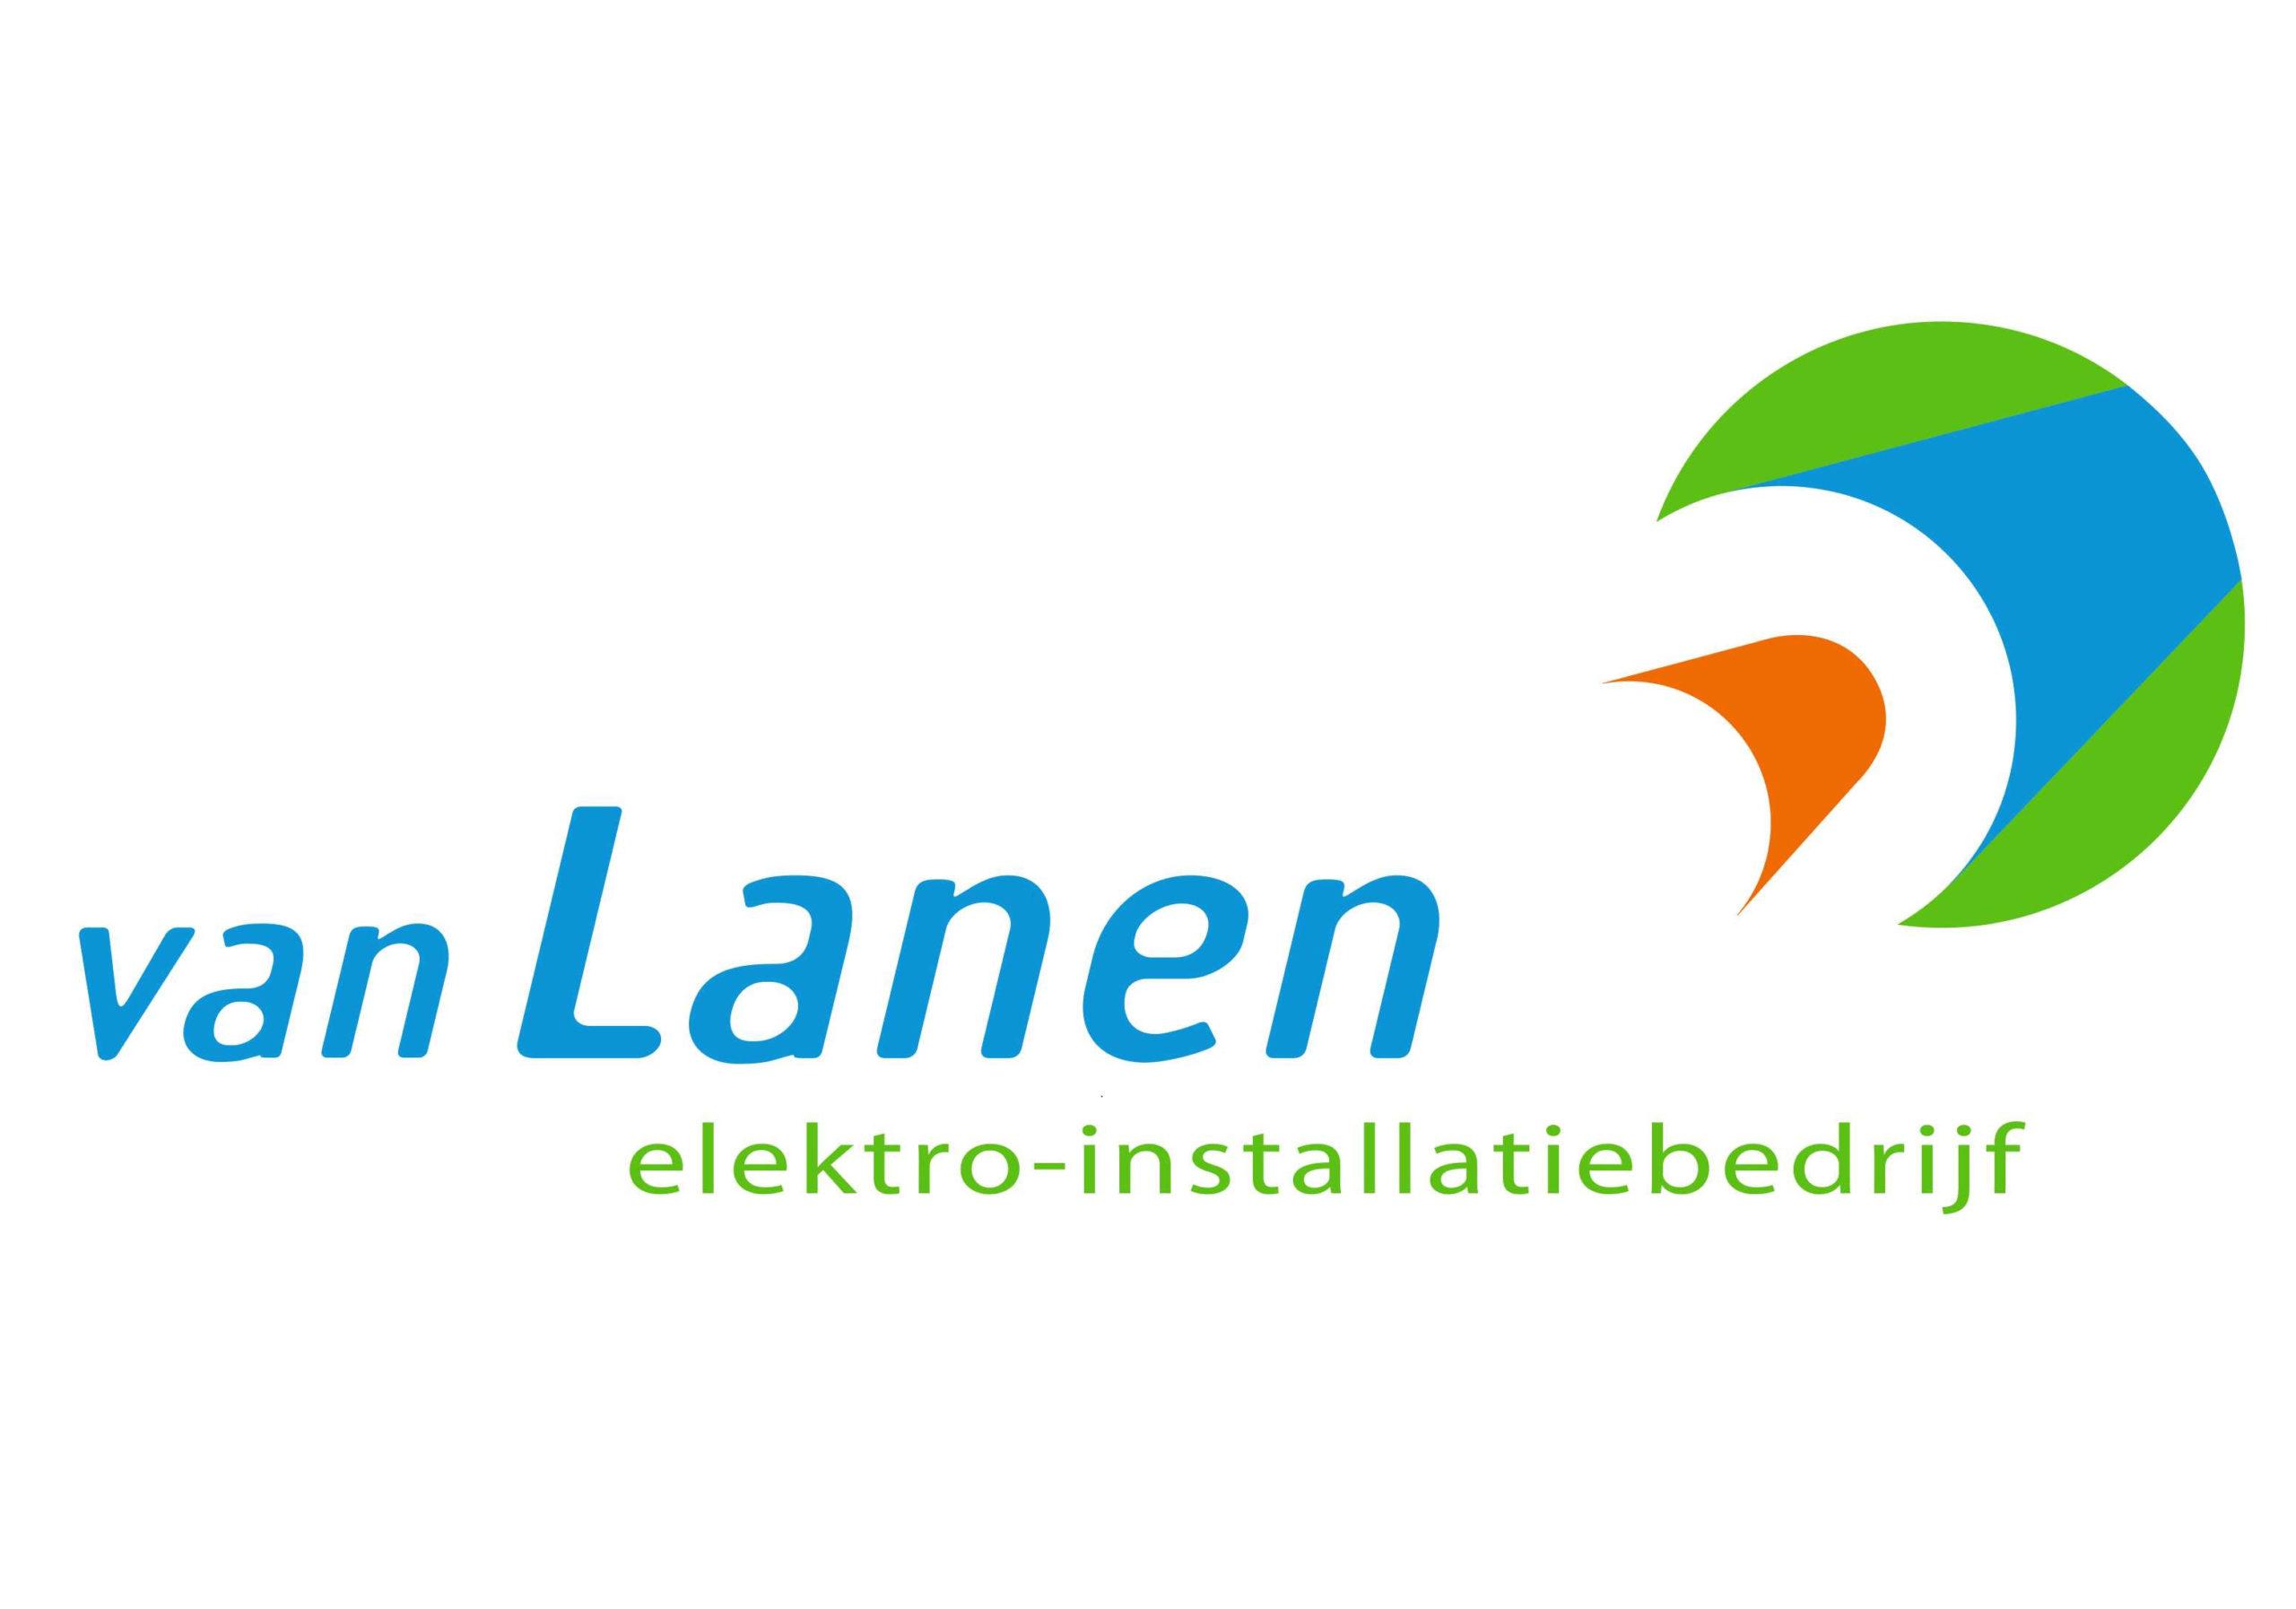 Elektro-installatiebedrijf Van Lanen